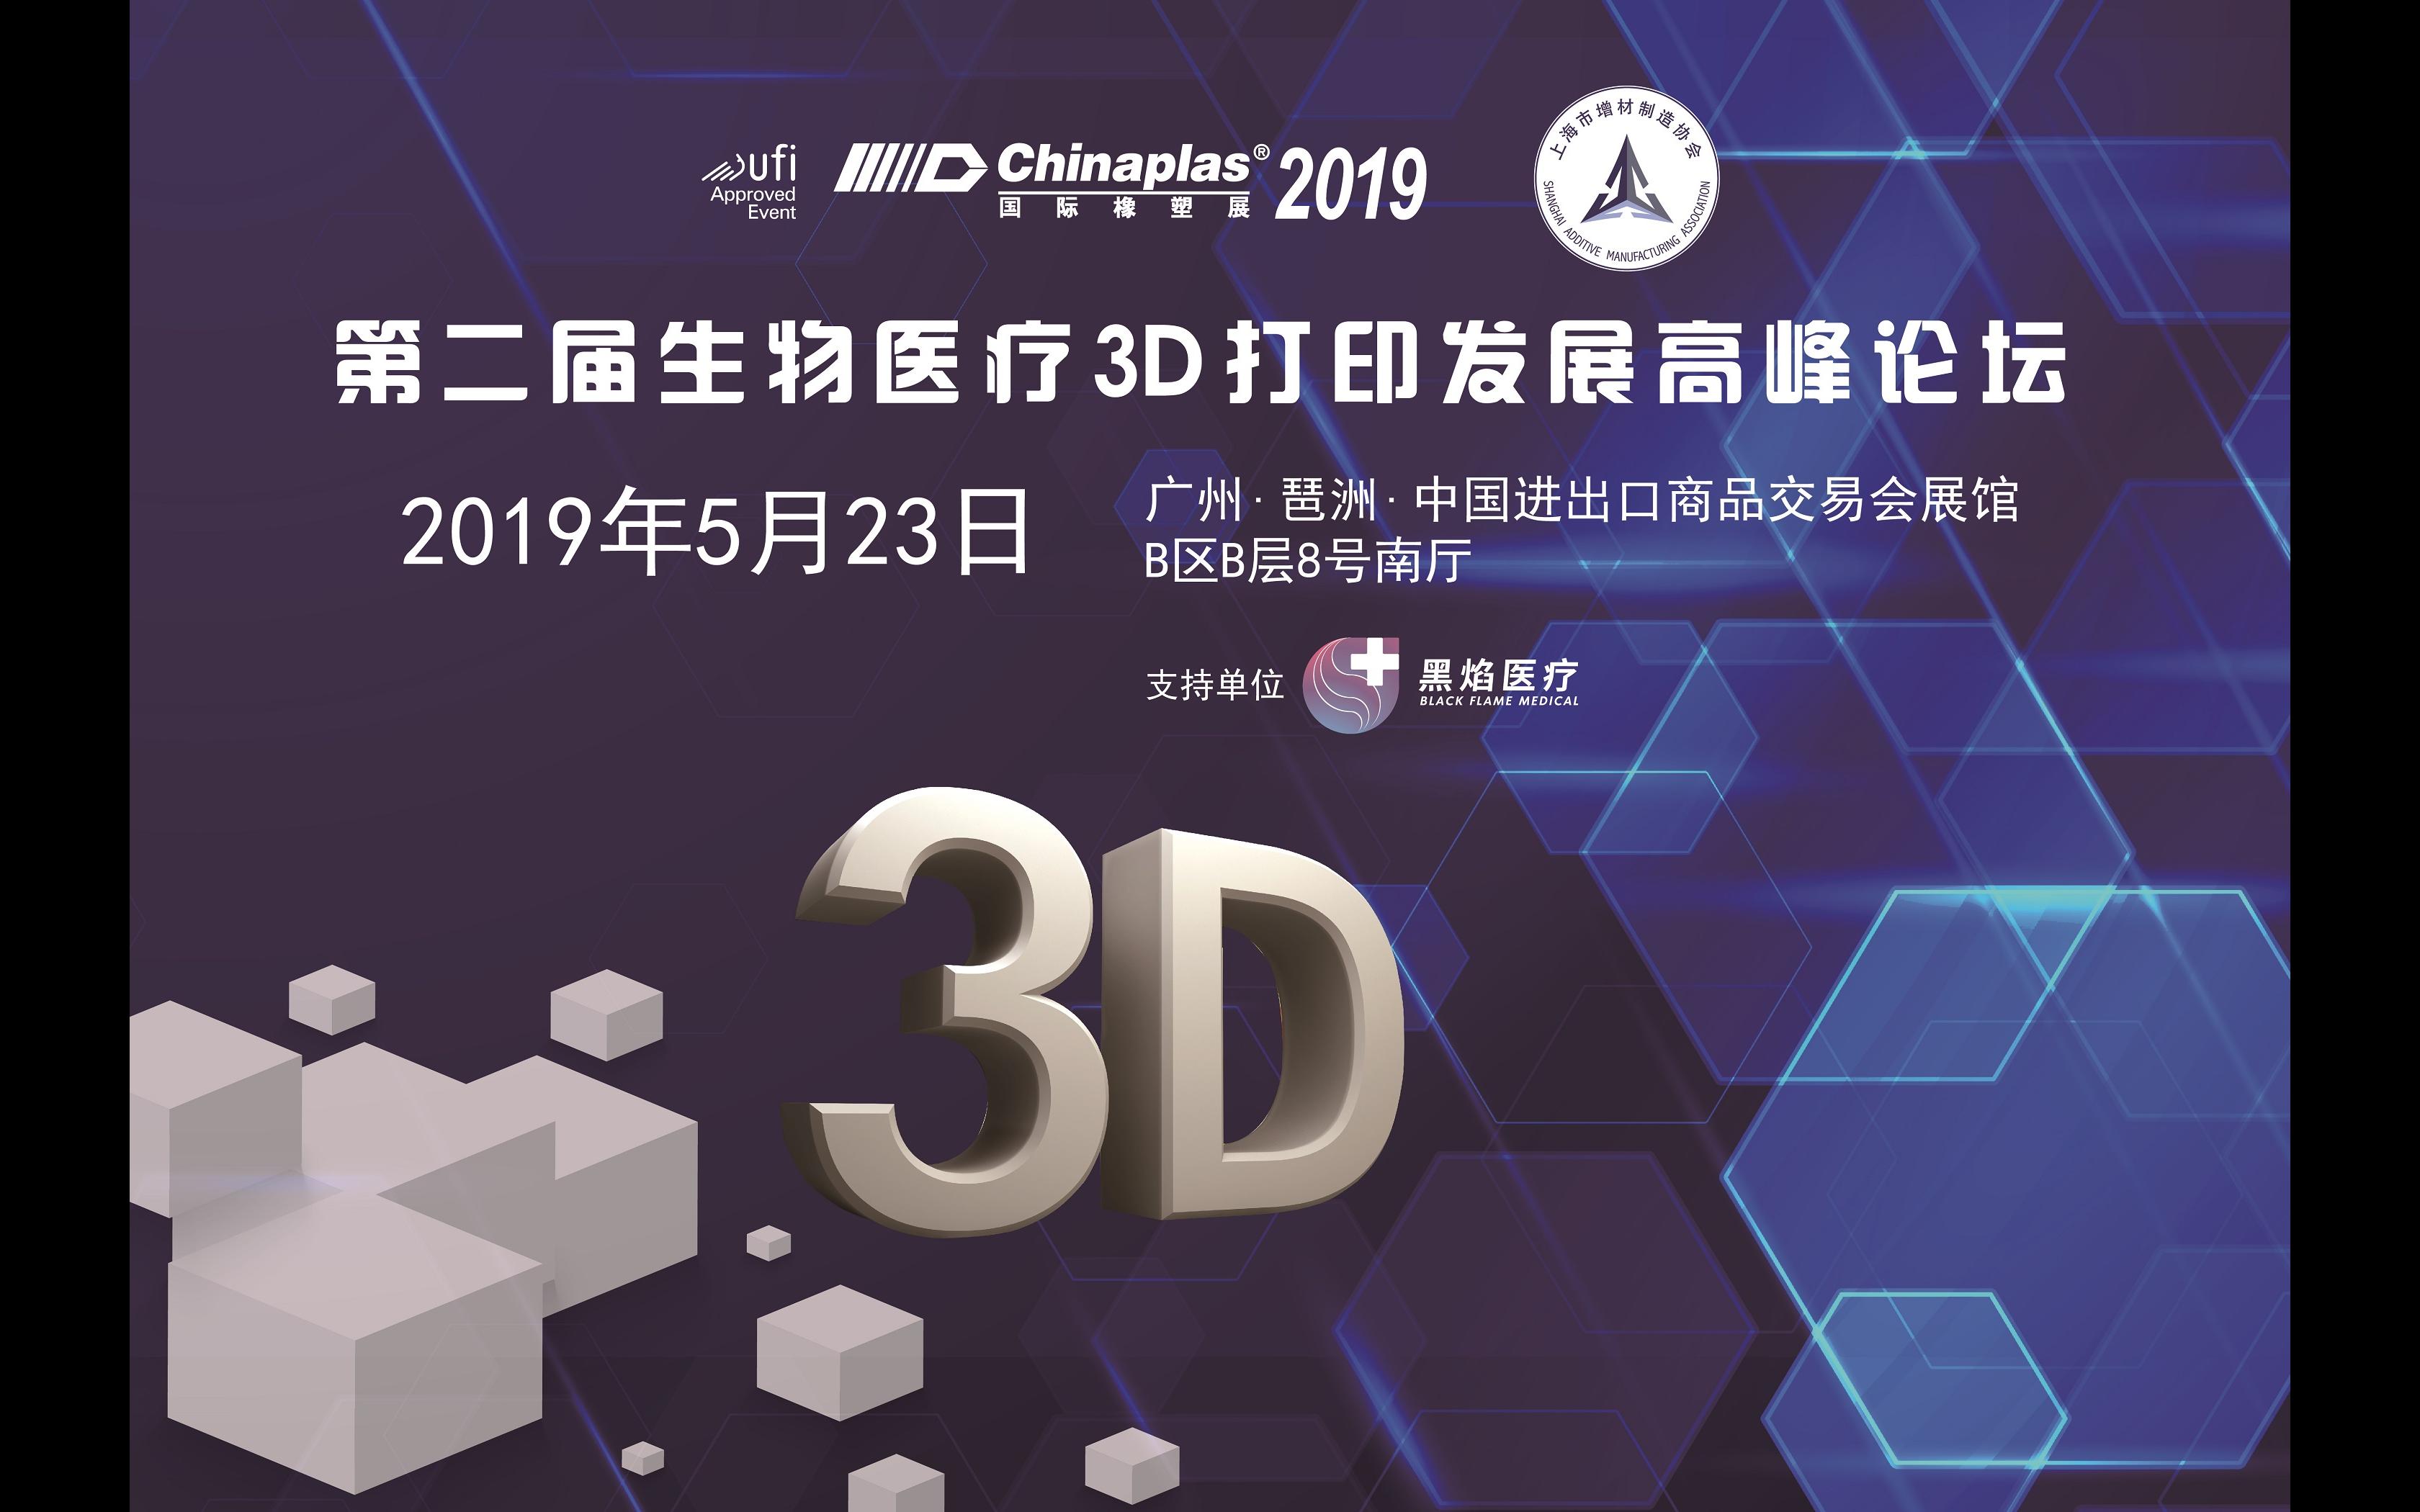 第二届生物医疗3D打印发展高峰论坛2019(广州)